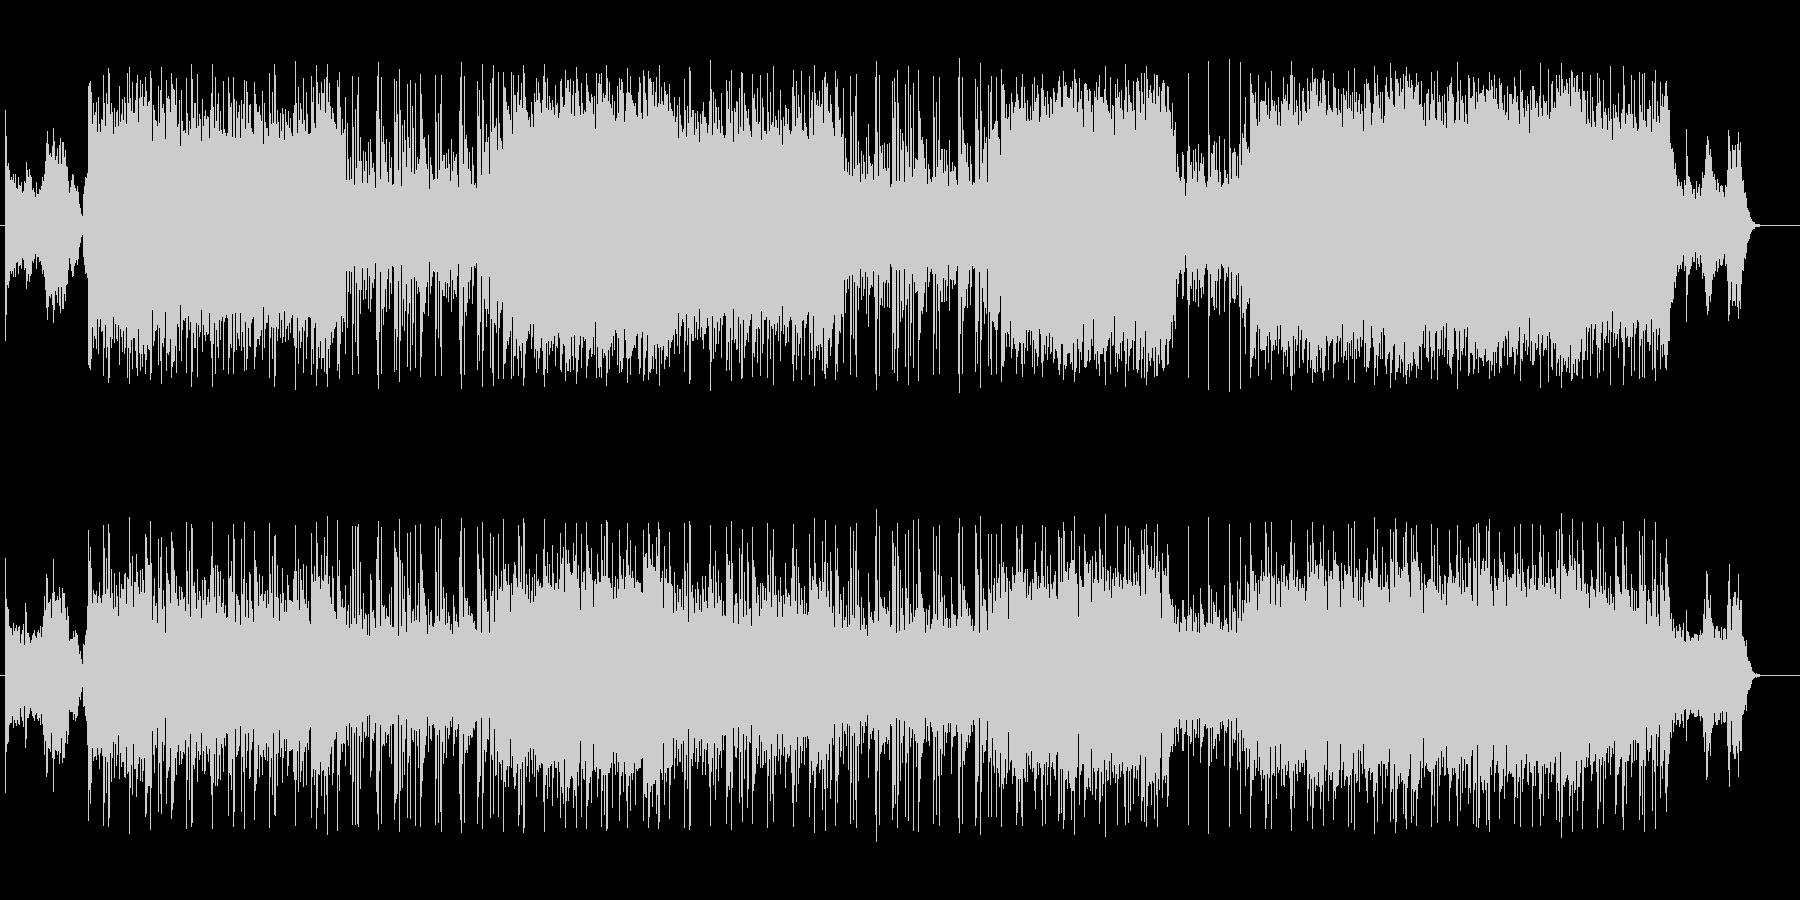 ヒップホップ/ファンタジア/重低音/#3の未再生の波形